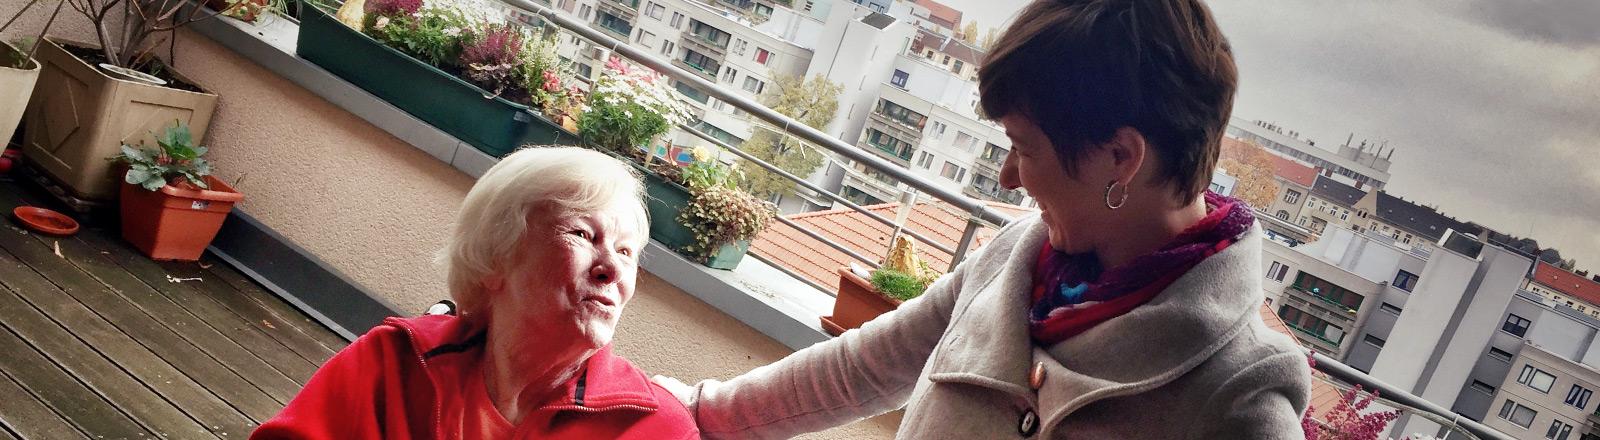 Nadine und Jutta auf der Dachterrasse, wo sie sich bei einem Cocktail kennengelernt haben.